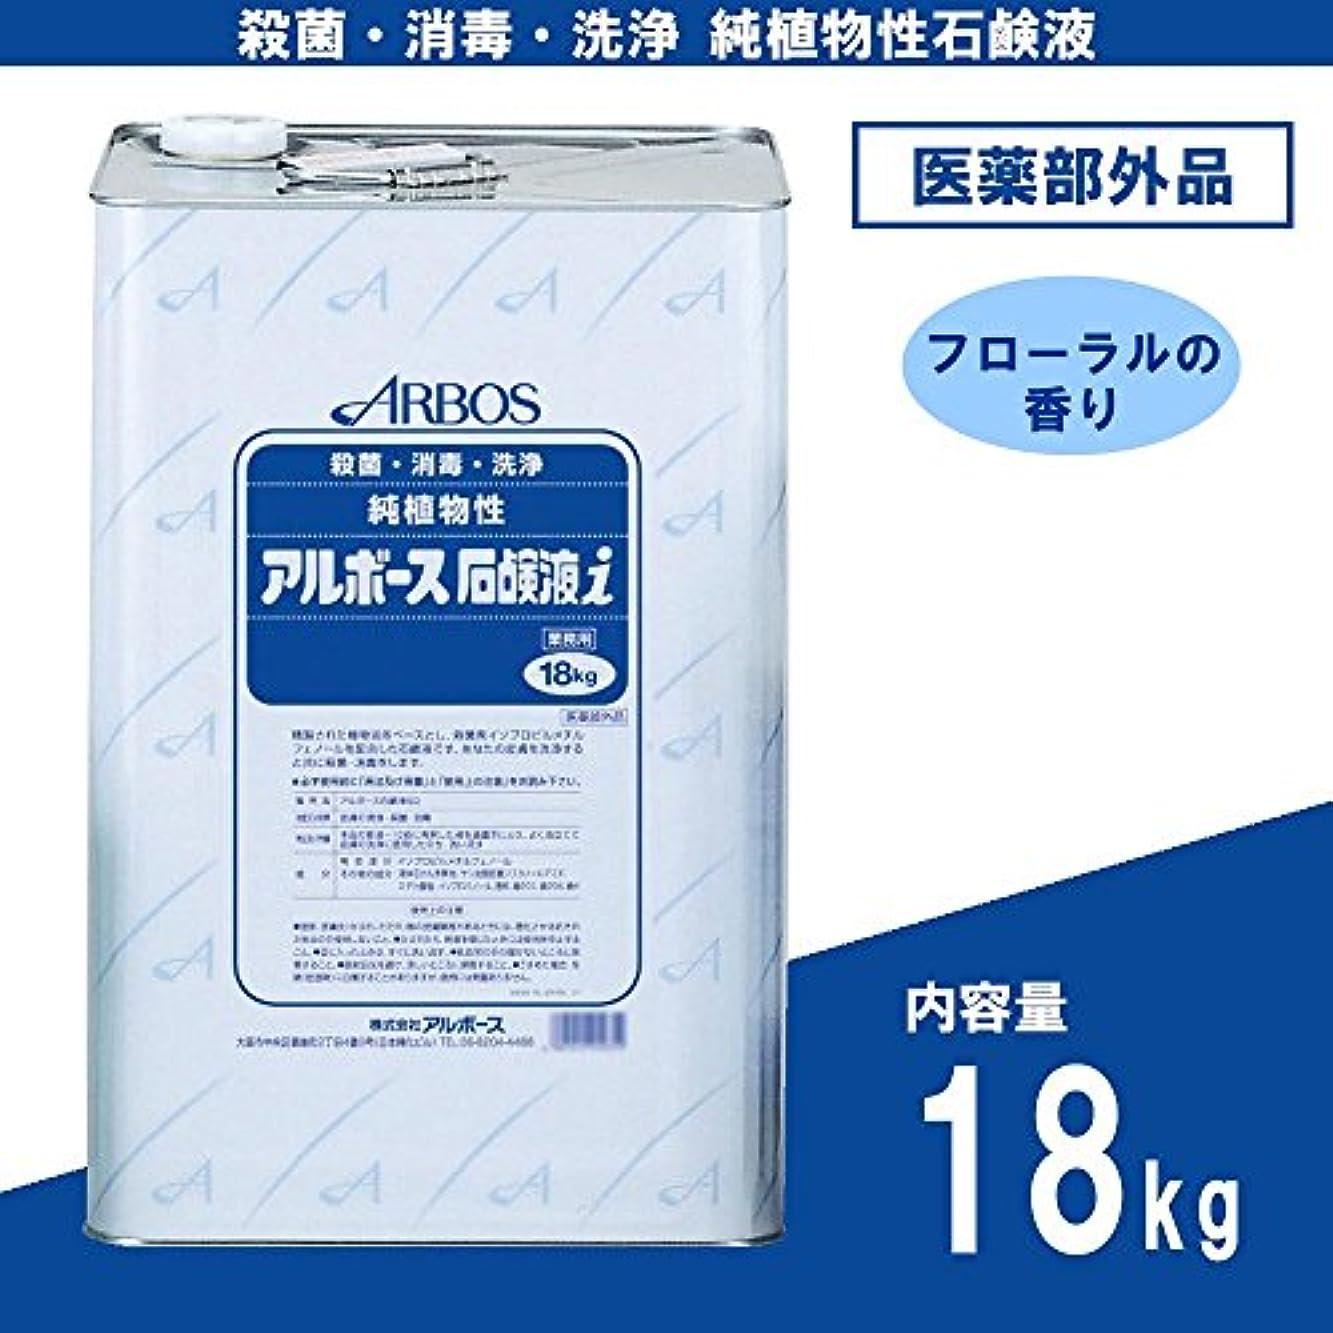 復活火曜日硫黄アルボース 業務用純植物性石鹸液 石鹸液i フローラルの香り 18kg 01031 (医薬部外品)